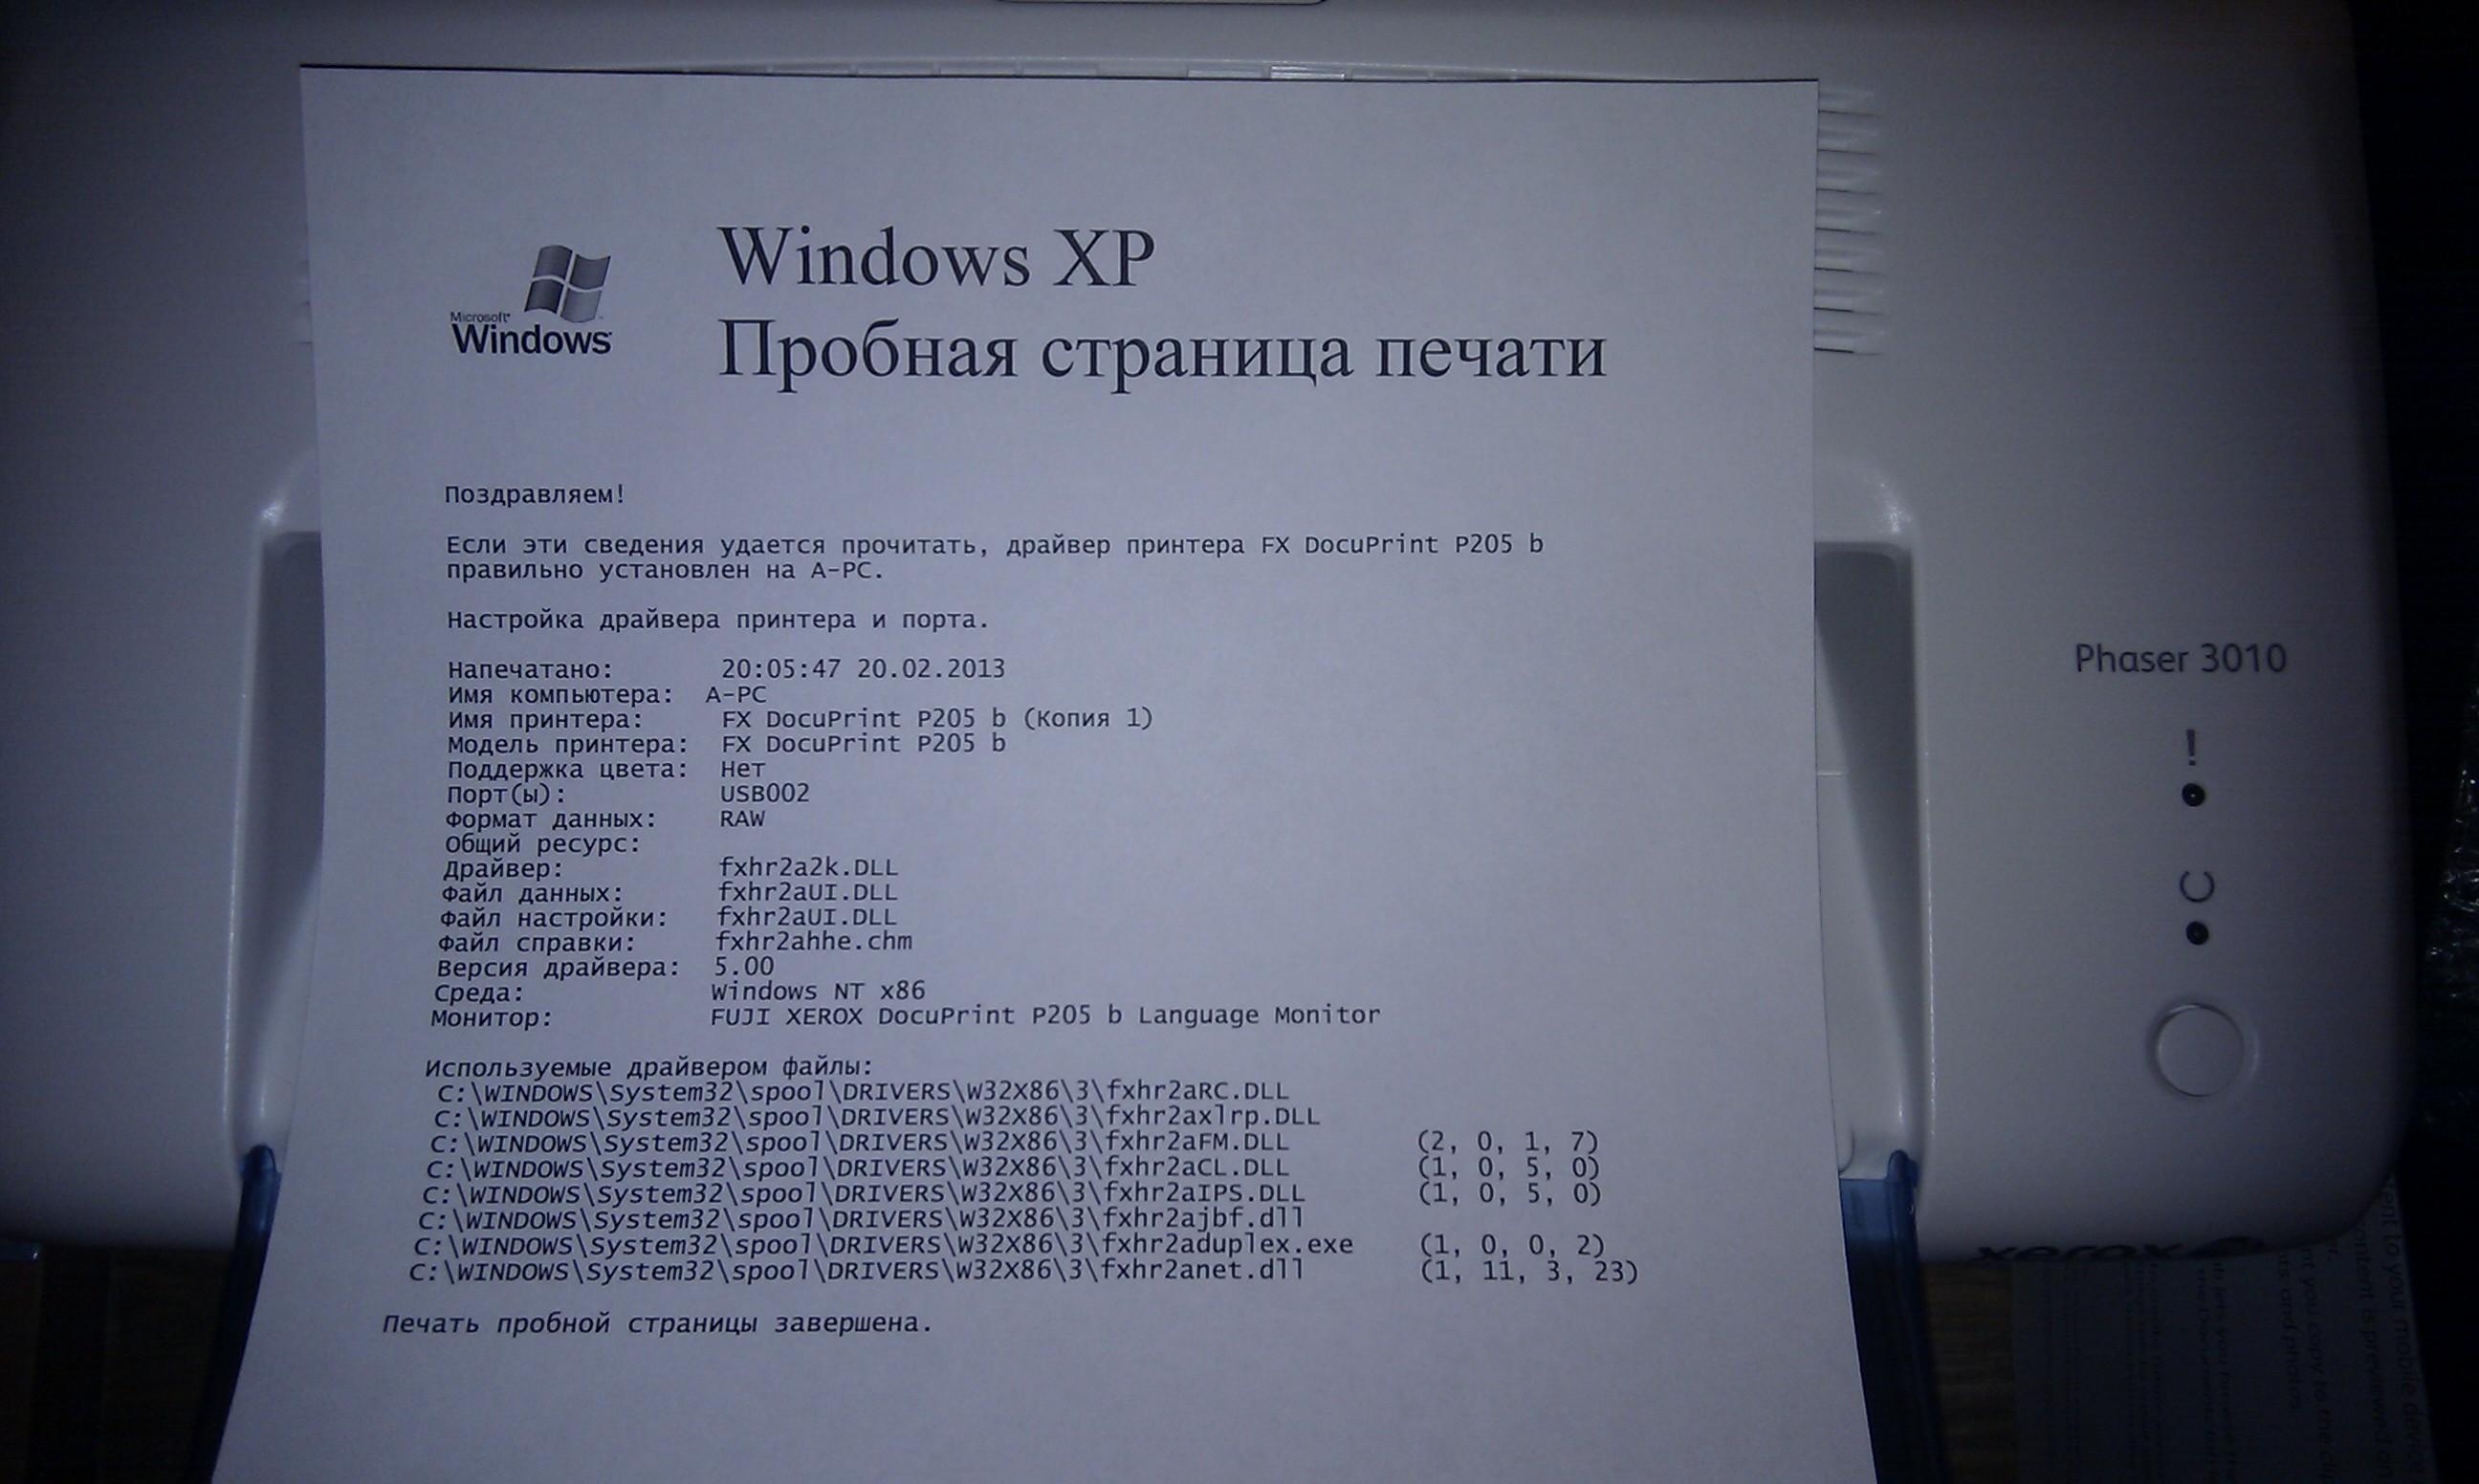 Драйвер на принтер xerox phaser 3010 скачать -.